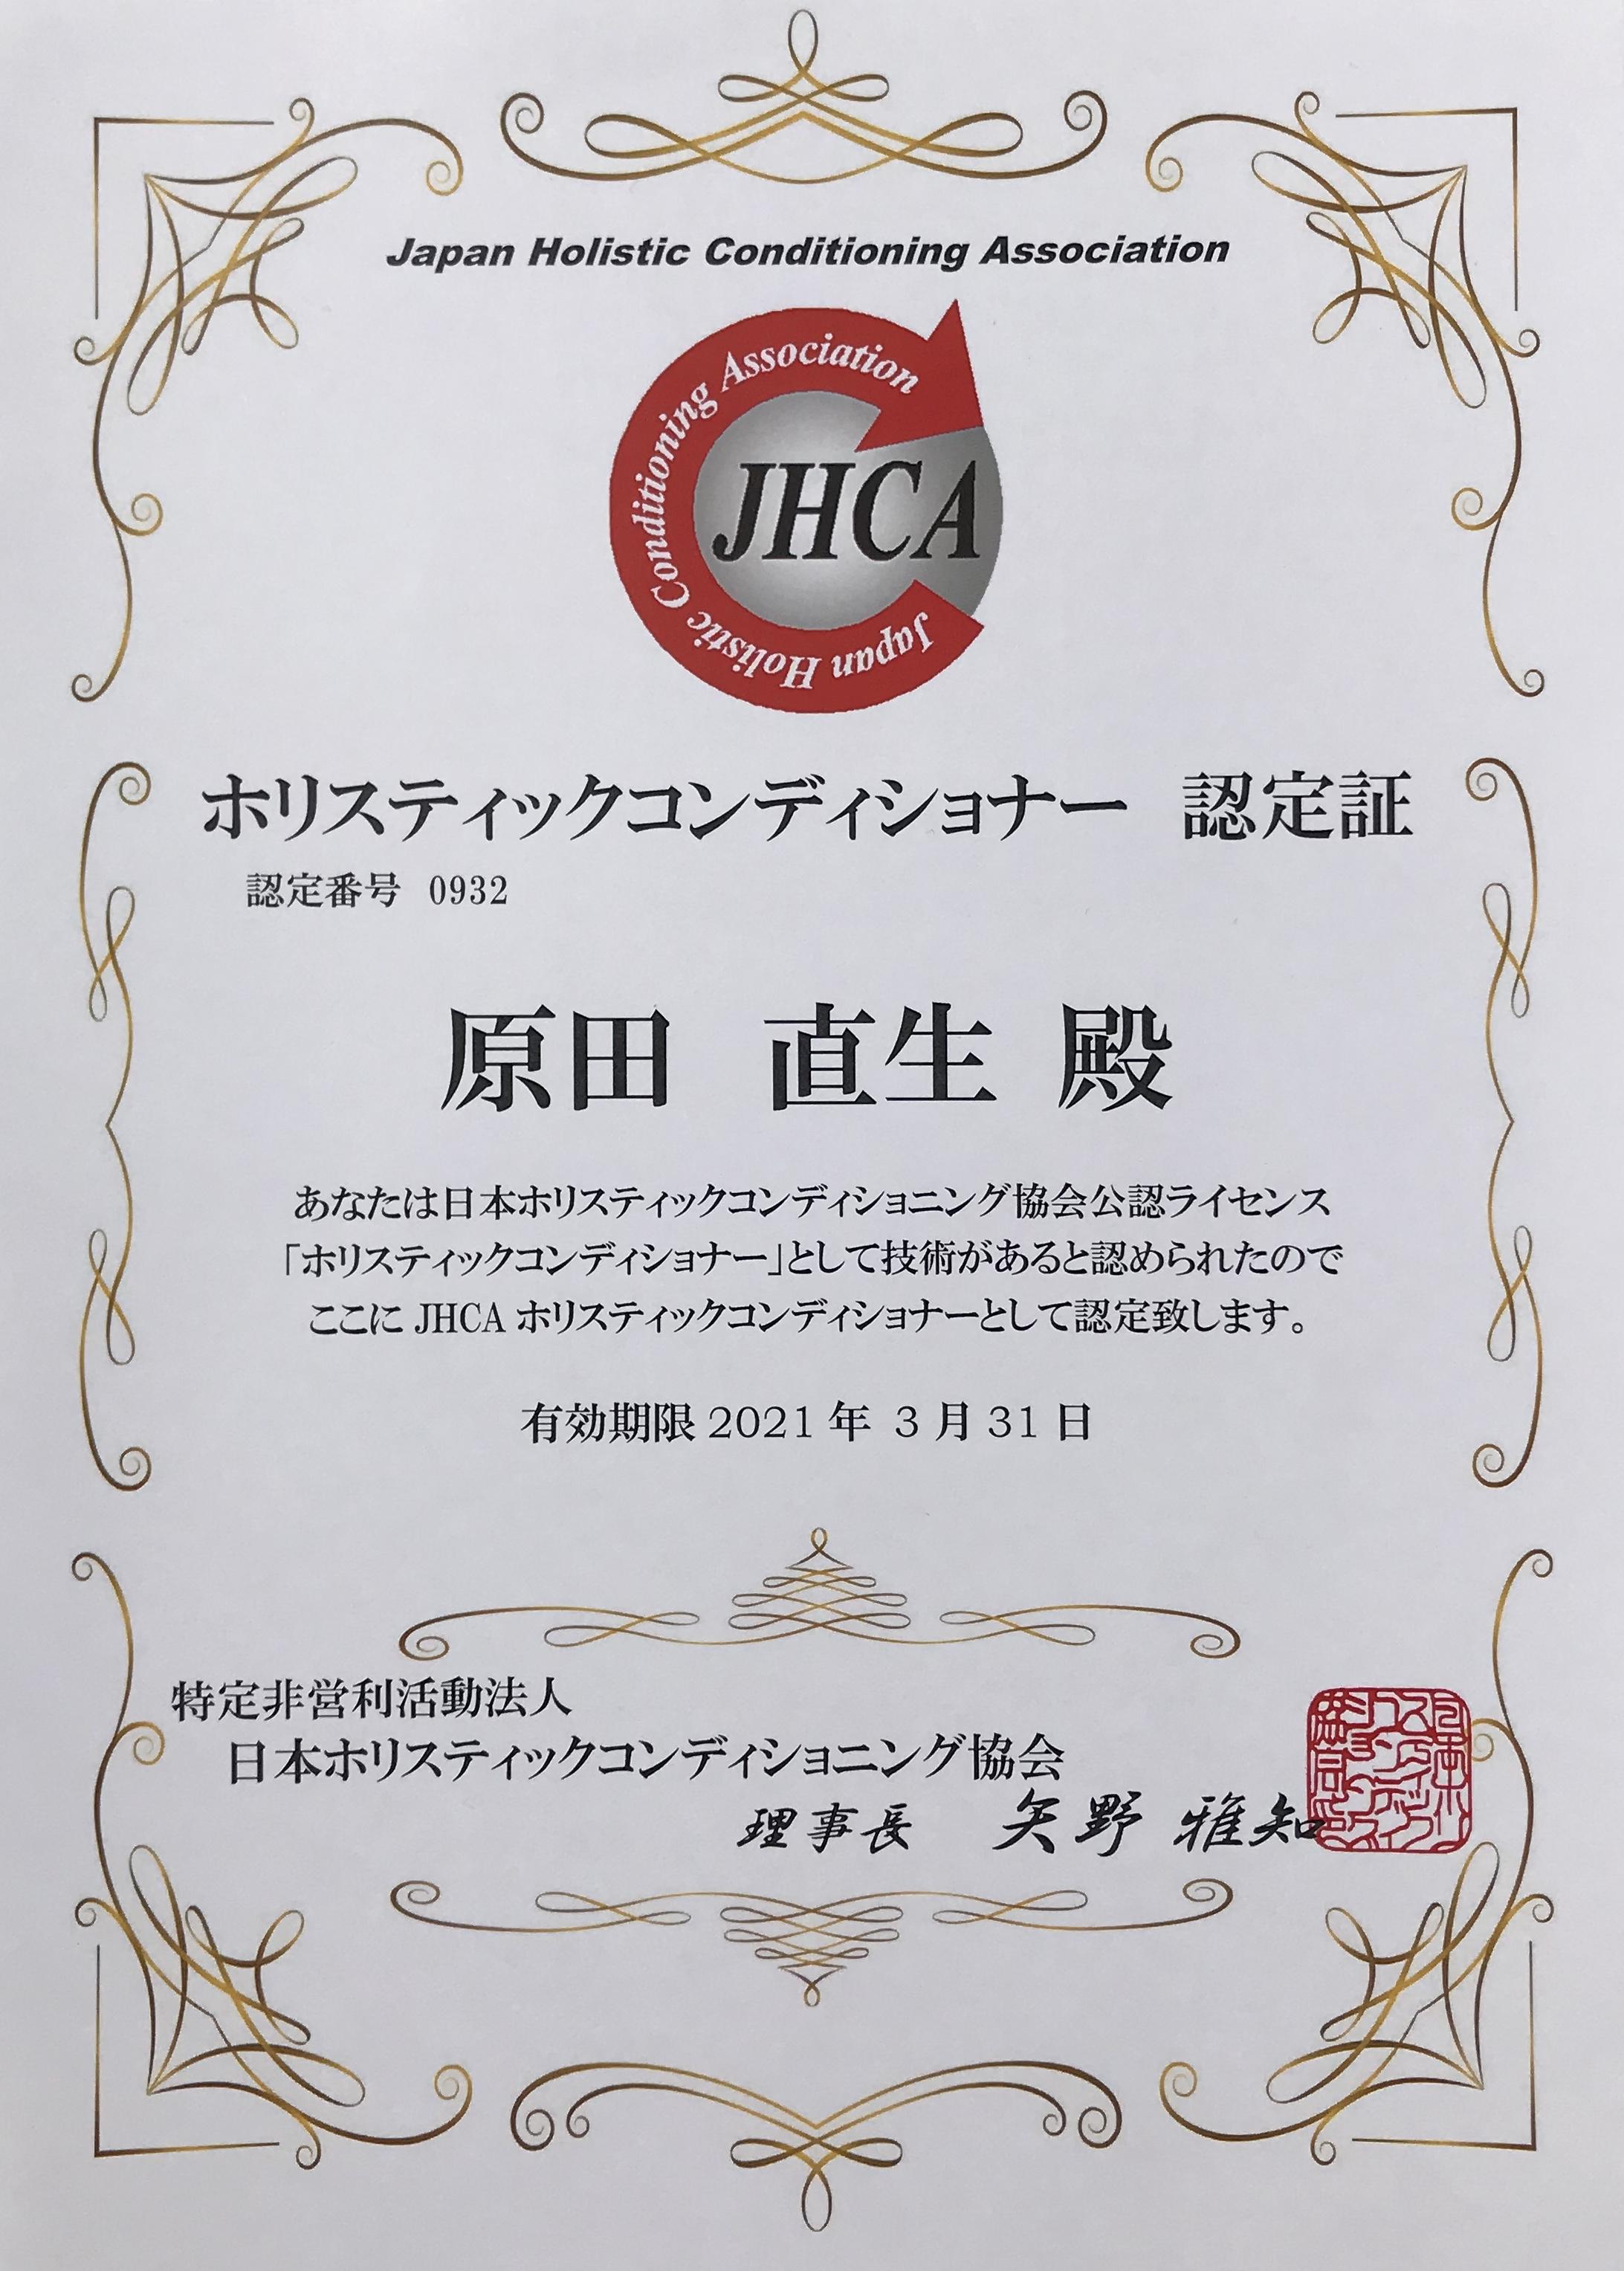 JHCA HC 原田直生